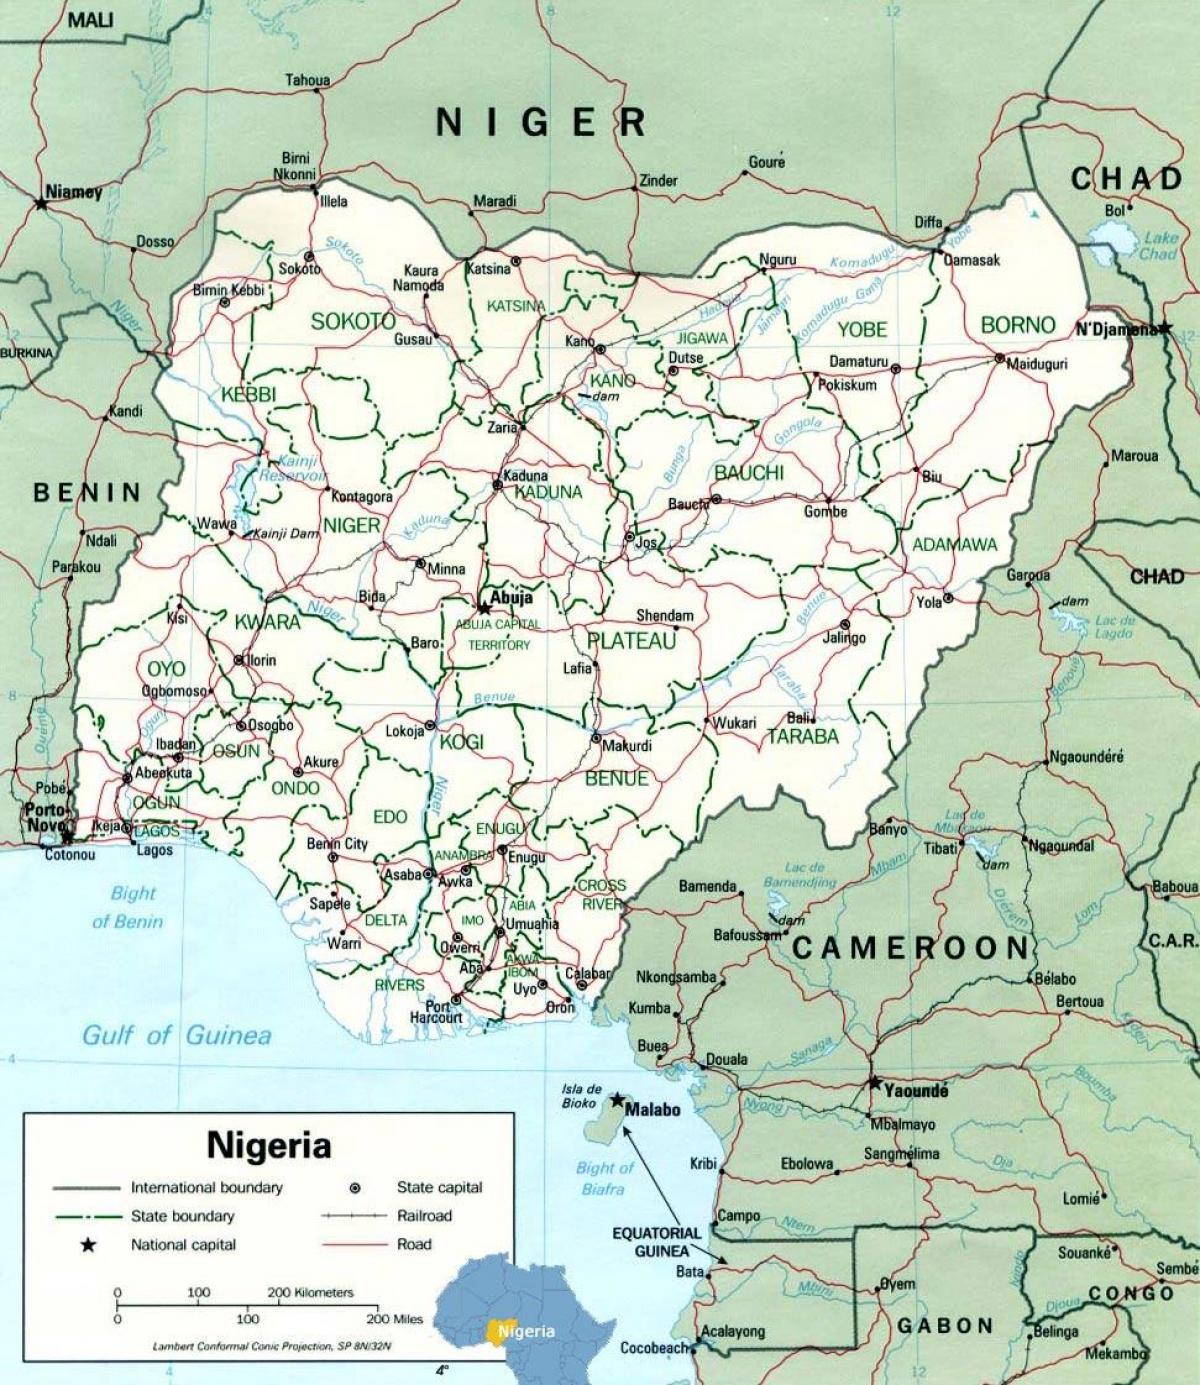 Map Of Africa Nigeria.Lagos Nigeria Map Lagos Nigeria Map Africa Western Africa Africa